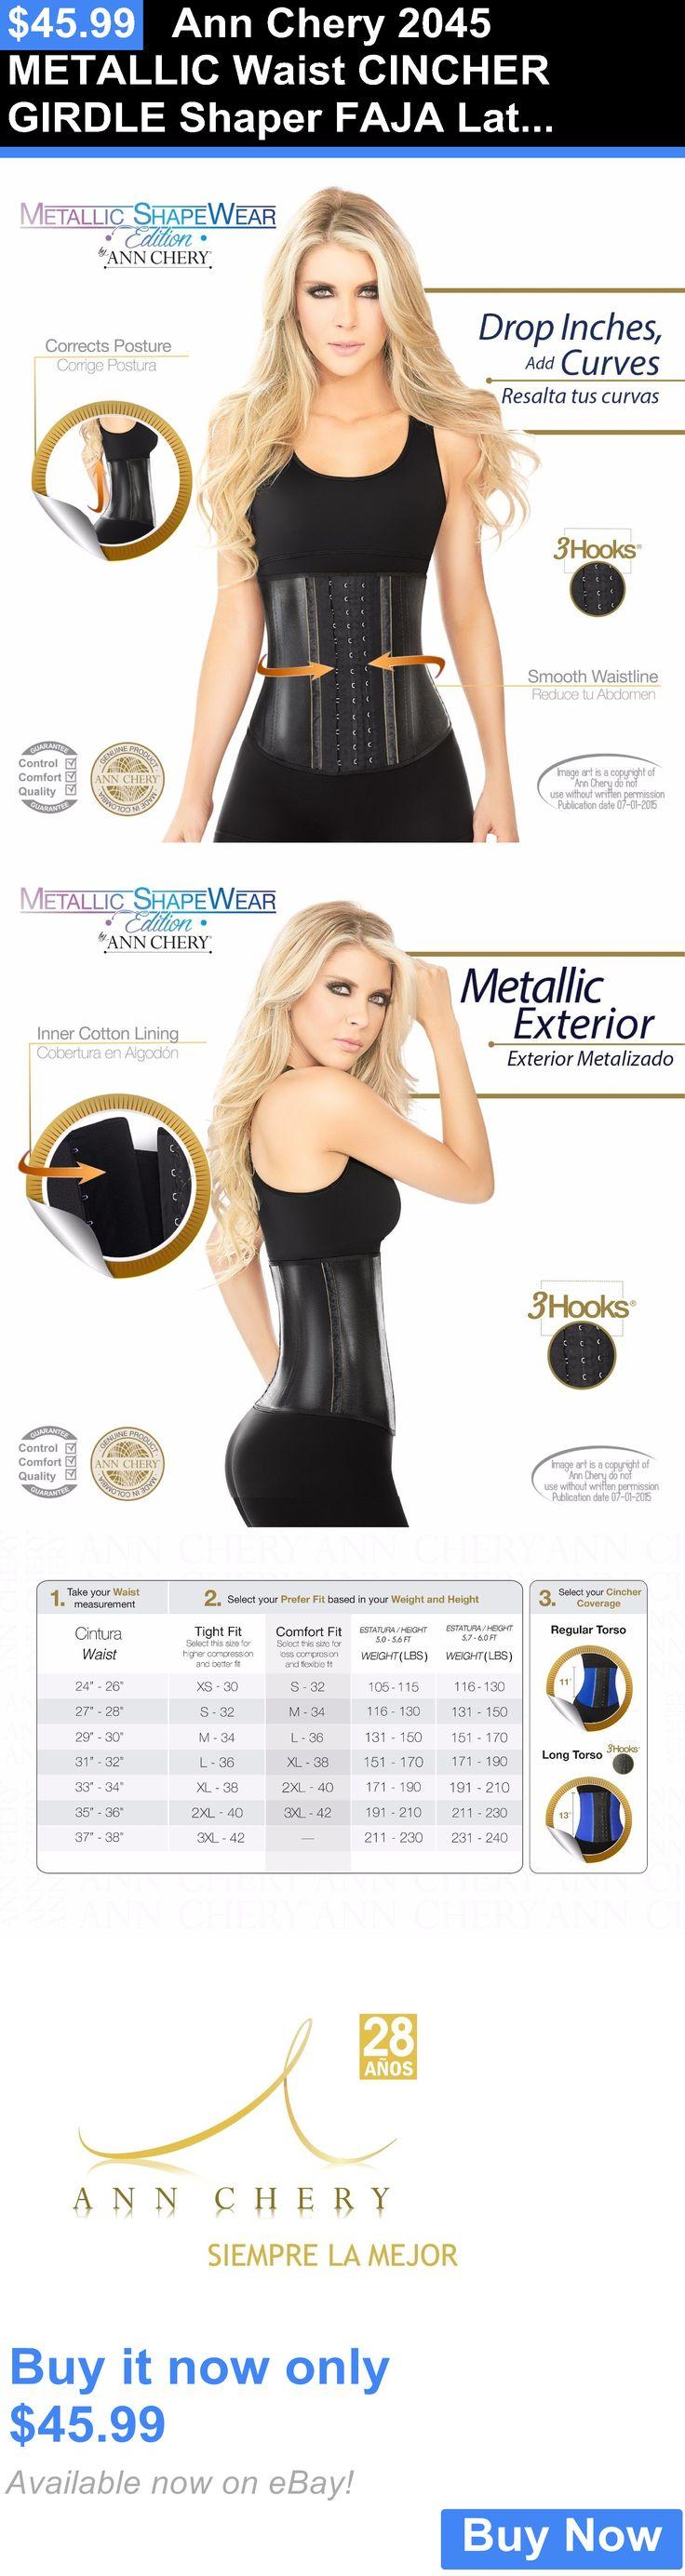 Women Shapewear: Ann Chery 2045 Metallic Waist Cincher Girdle Shaper Faja Latex Black 3 Hooks New BUY IT NOW ONLY: $45.99